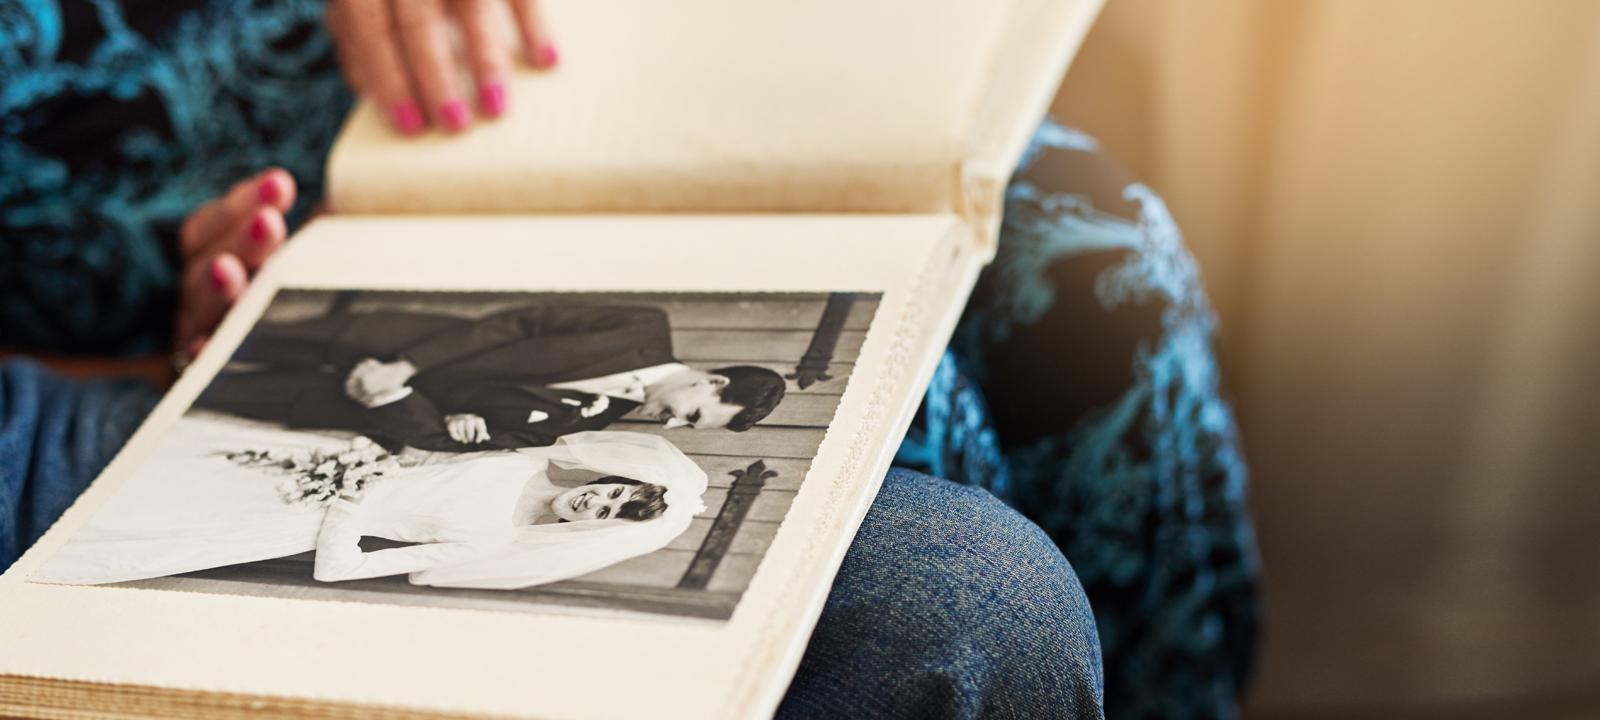 Senior couple looking through their wedding photo album